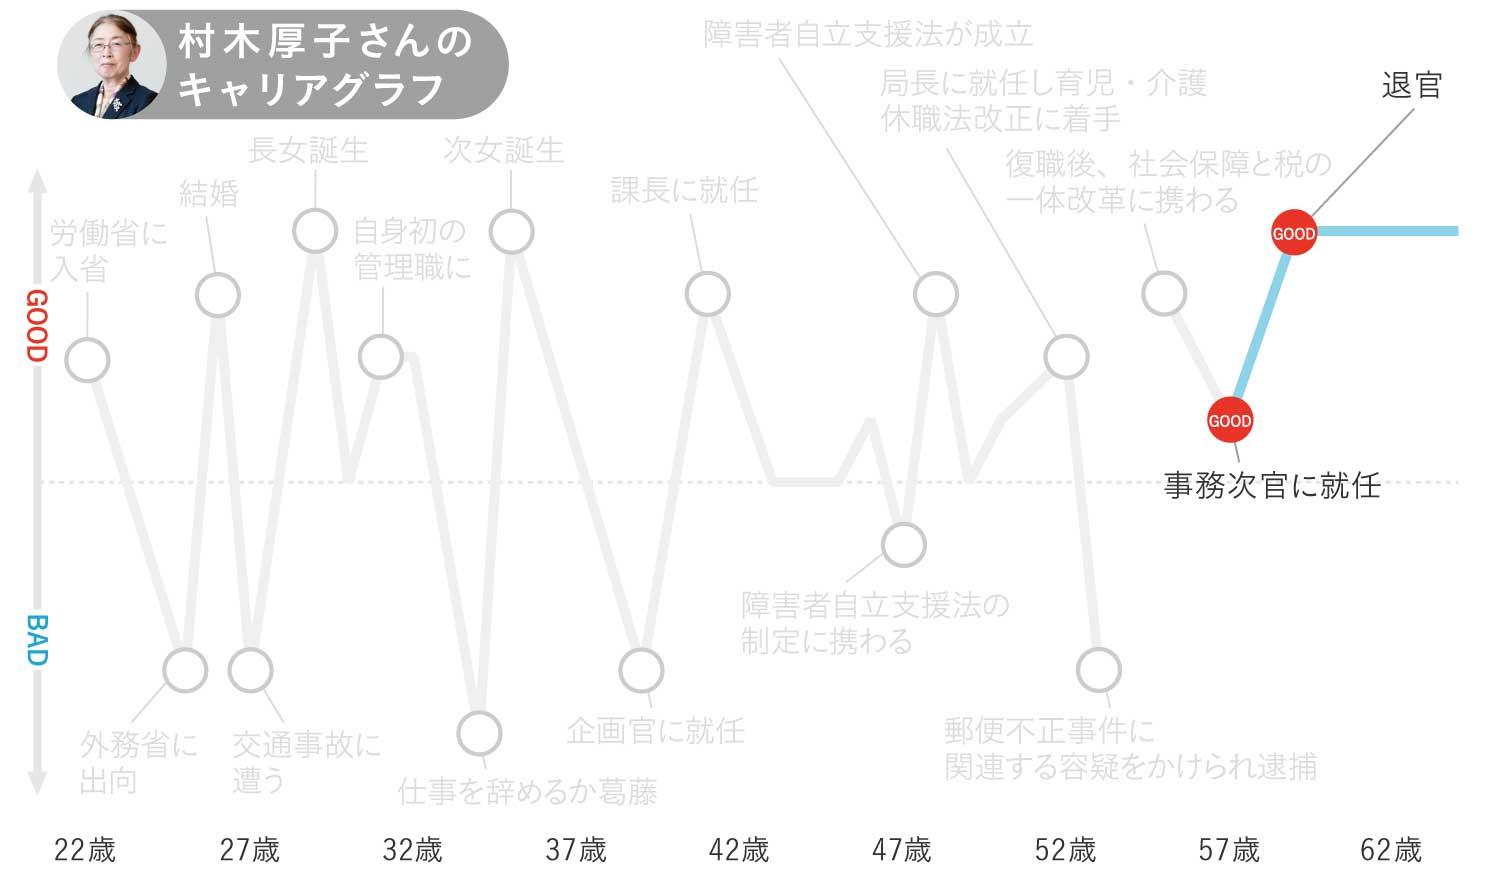 村木厚子さんのキャリグラフ5